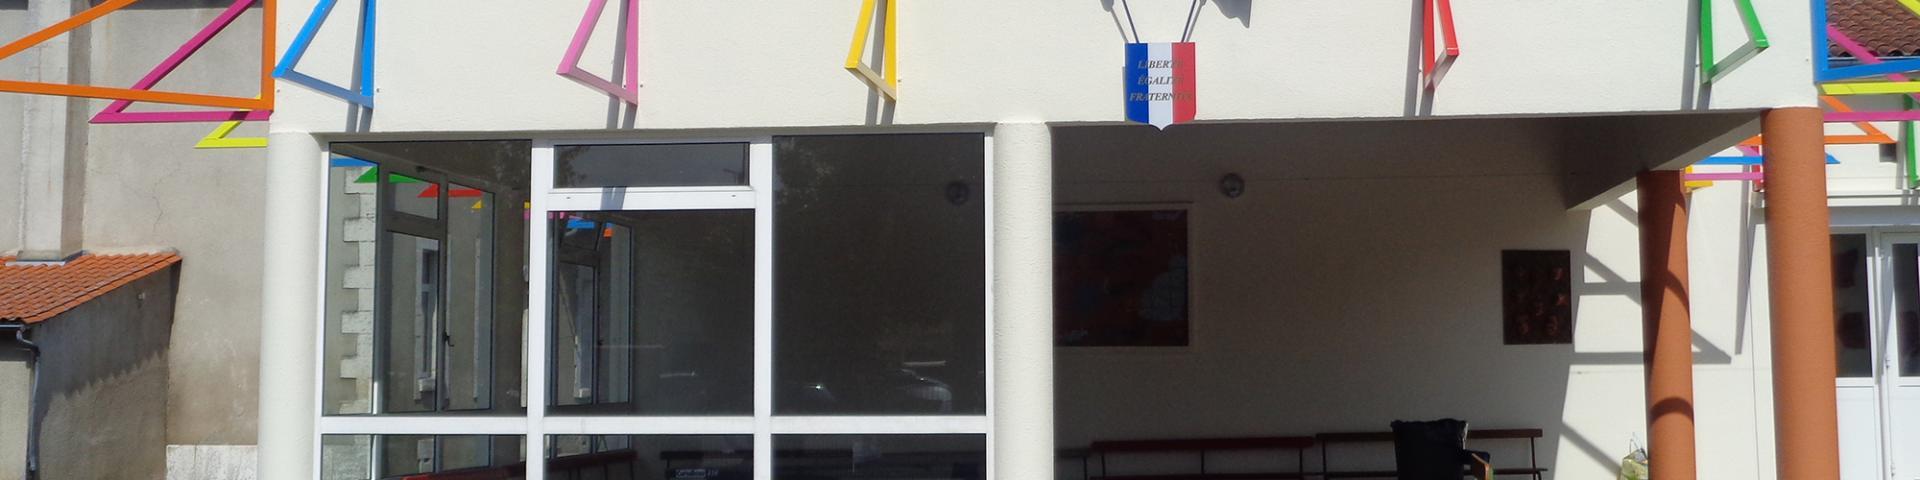 Ecole élémentaire de Roumazières-Loubert